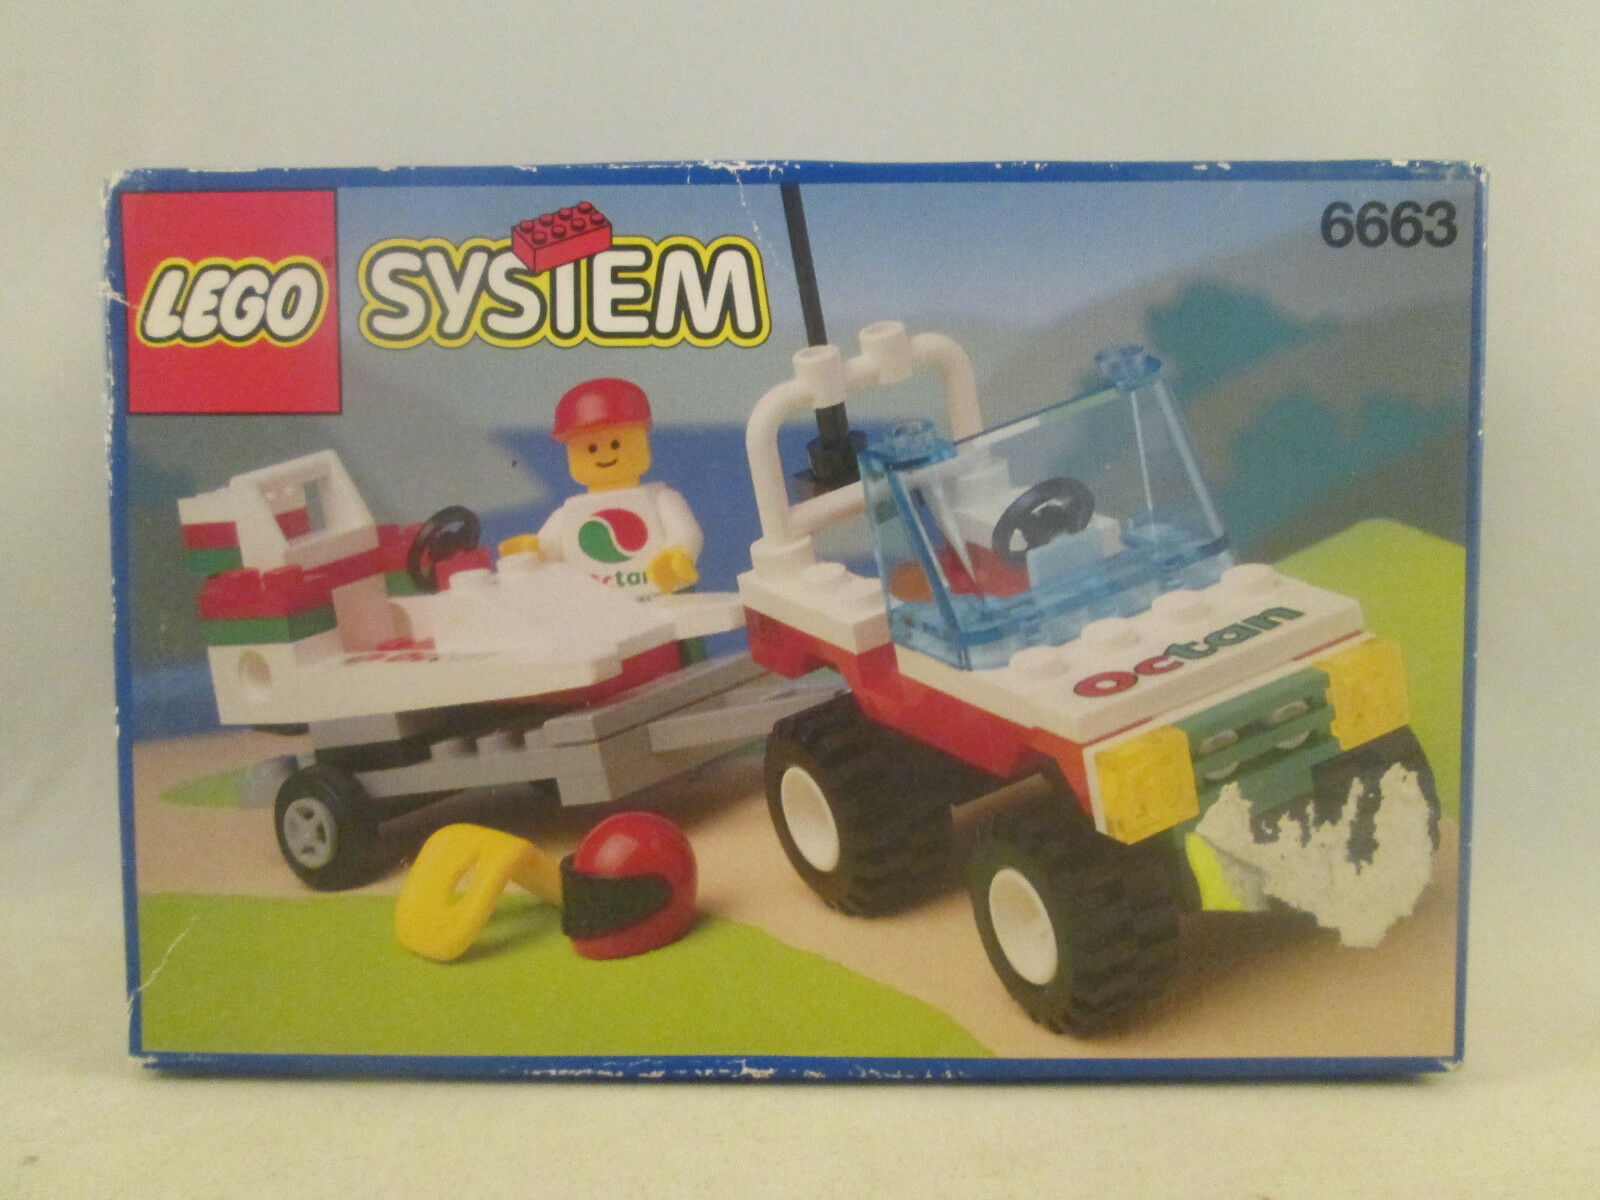 consegna gratuita e veloce disponibile Lego classeic classeic classeic Town - 6663 Octan Wave Rebel nuovo SEALED  ordinare on-line